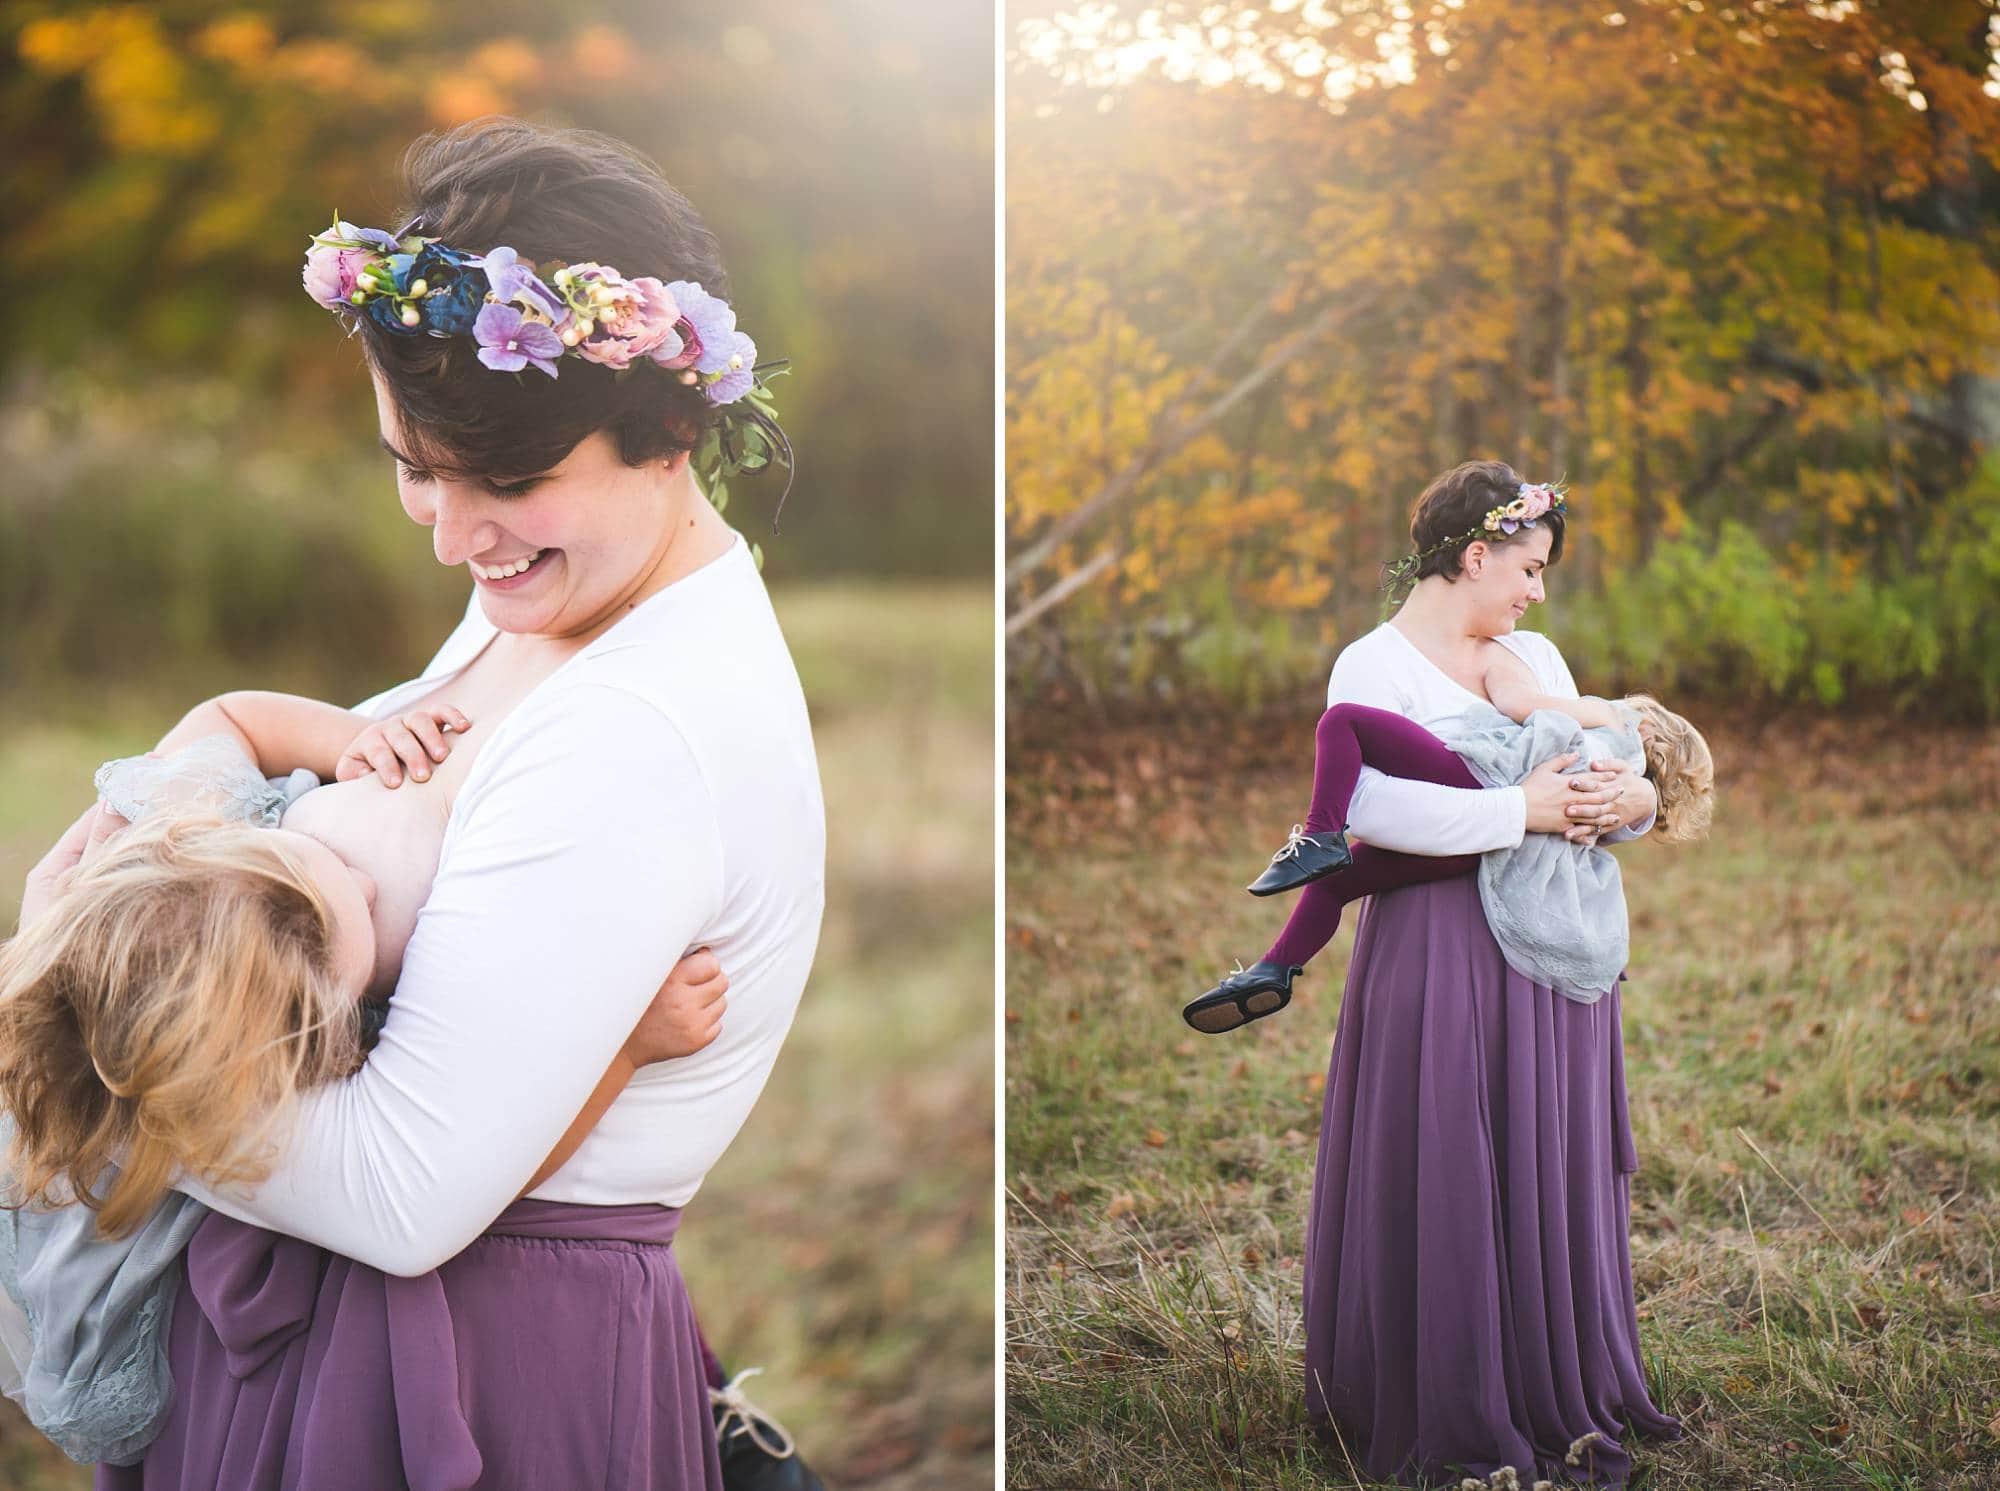 Mom holding toddler girl breastfeeding outside